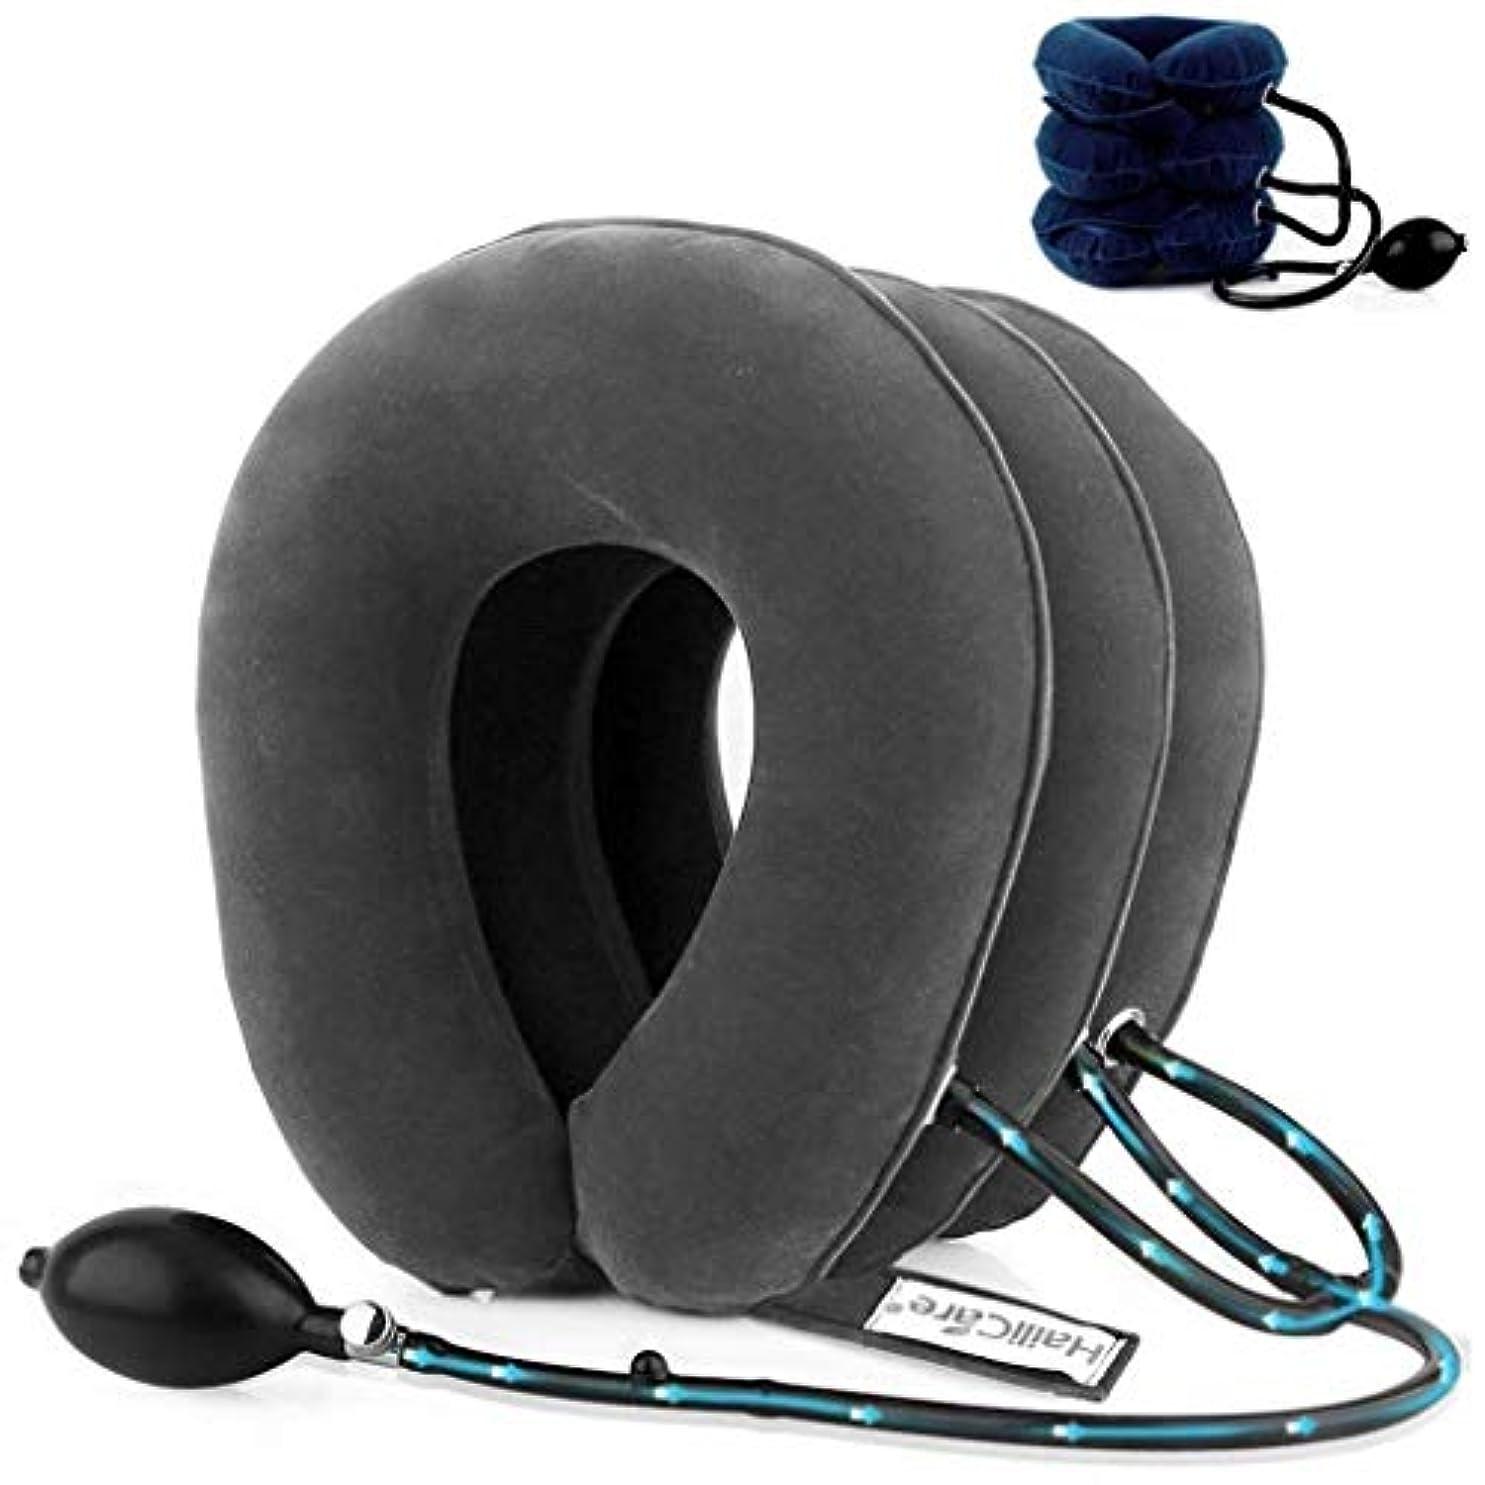 類人猿白内障オーナメント首のマッサージャー、膨脹可能なマッサージの首の枕、頚部牽引装置、背部/肩の首のマッサージャー、ヘルスケア、苦痛救助/圧力 (Color : Gray)